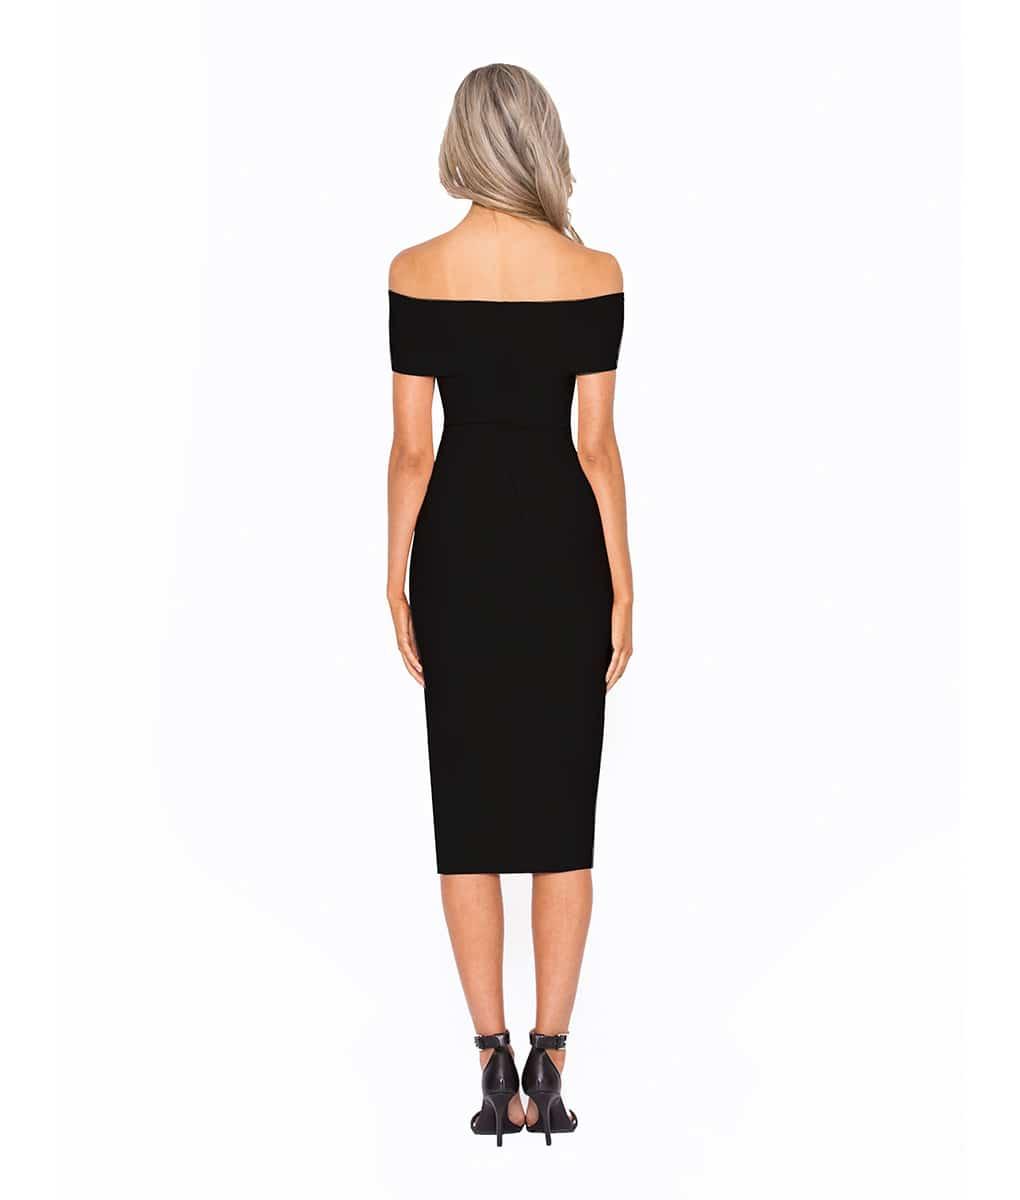 3e92e4a1beb Alila Boutique Black Bardot Bodycon Midi dress